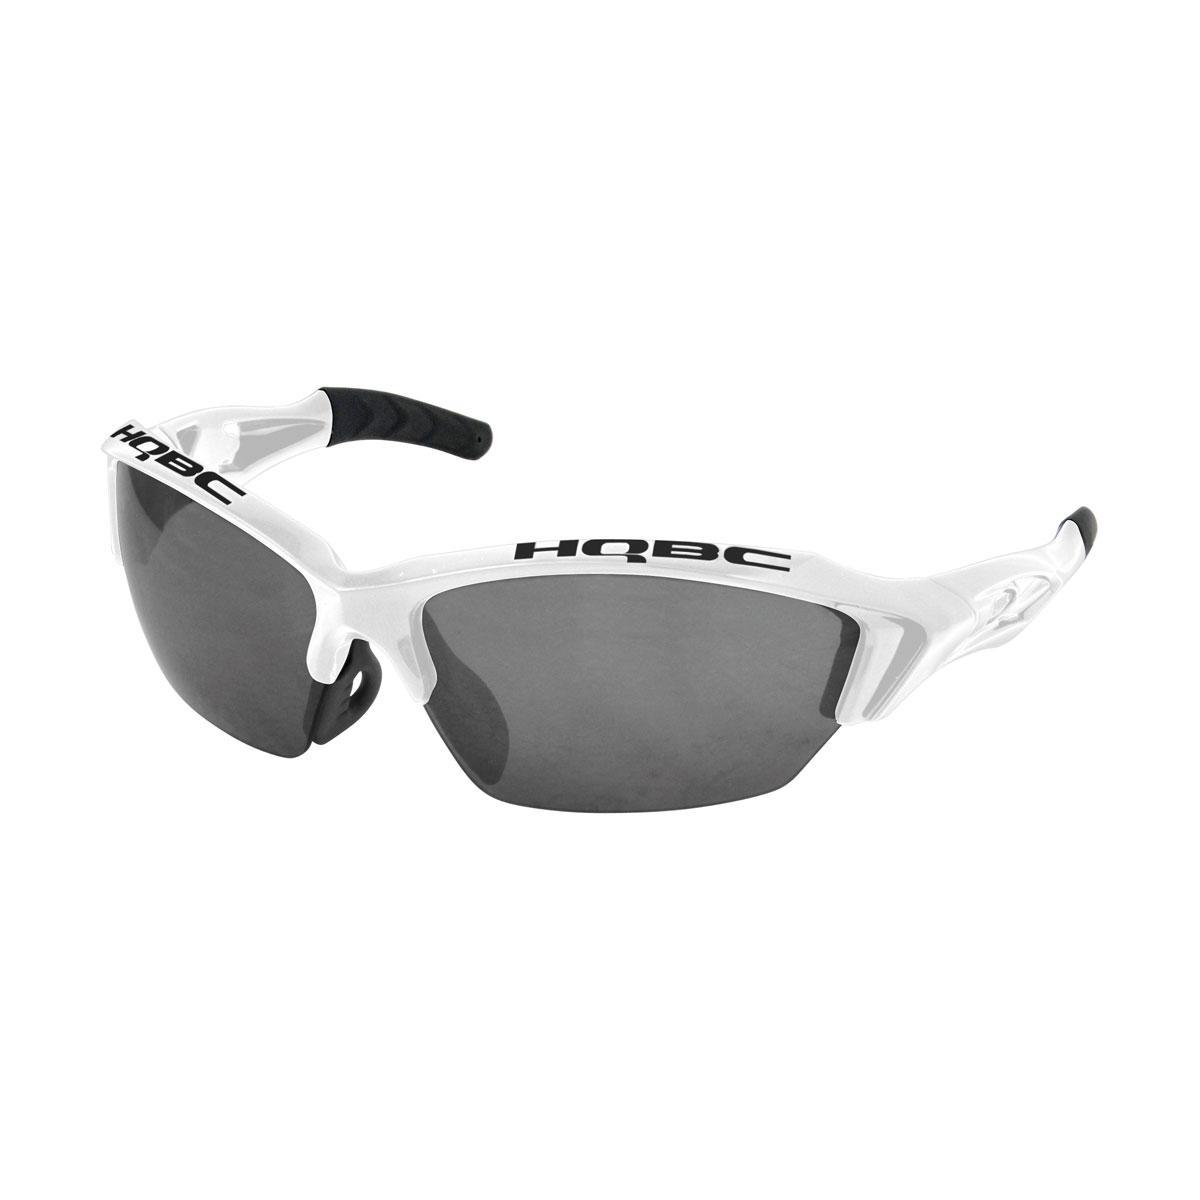 Okuliare HQBC TREEDOM biela čierna - E-shop - SHOPBIKE 991aa6af3d1